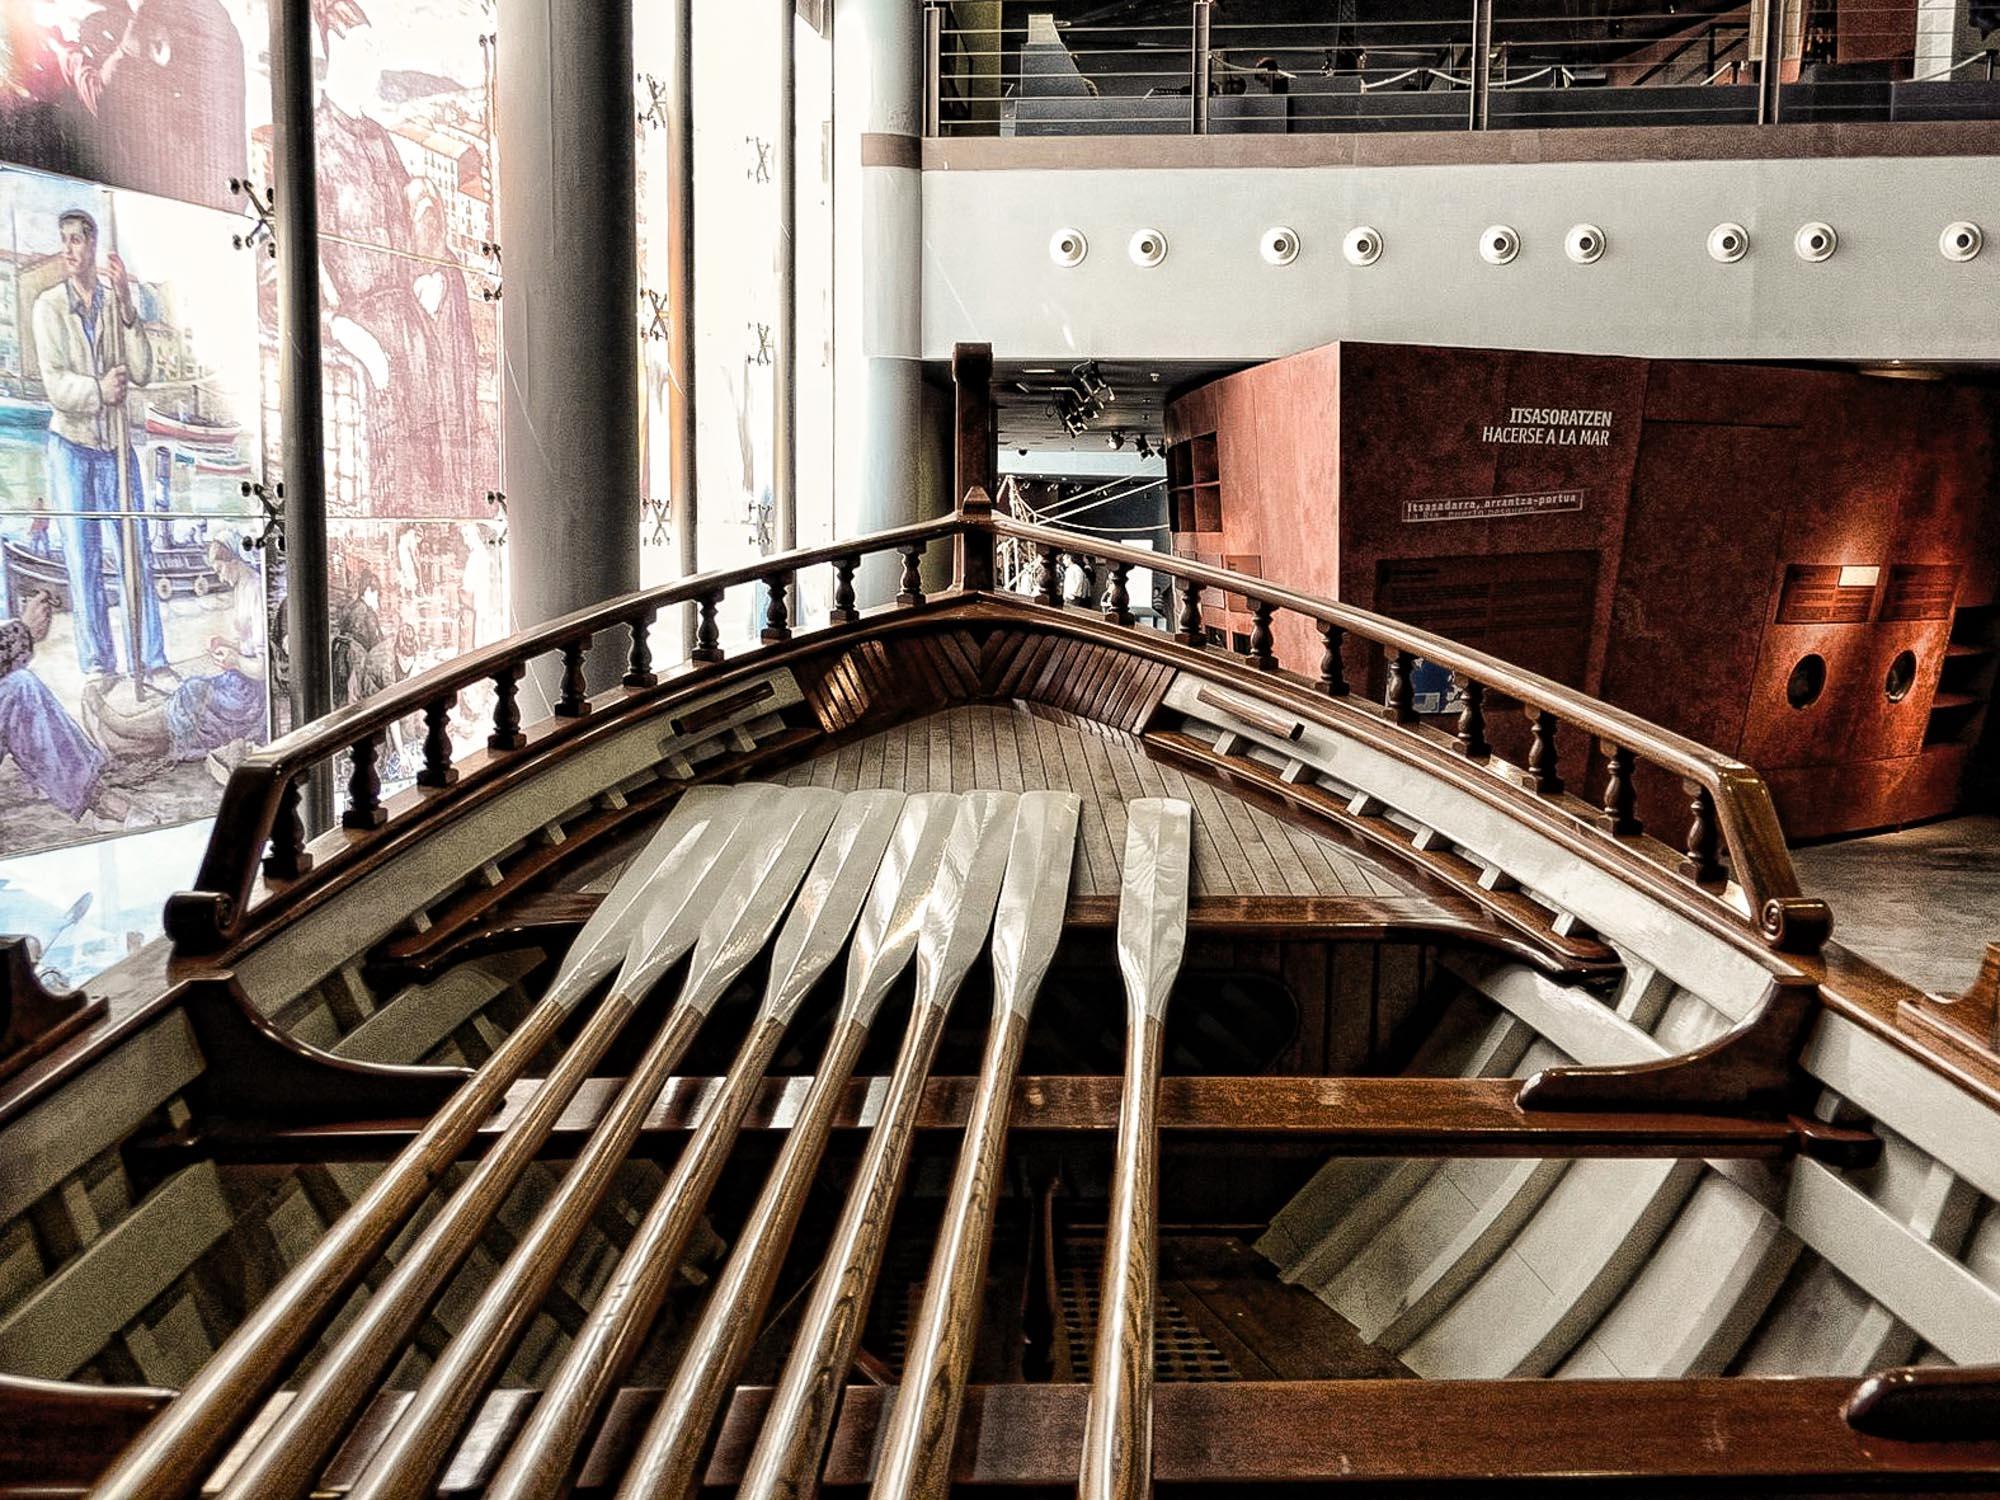 Interior del Itsasmuseum de Bilbao